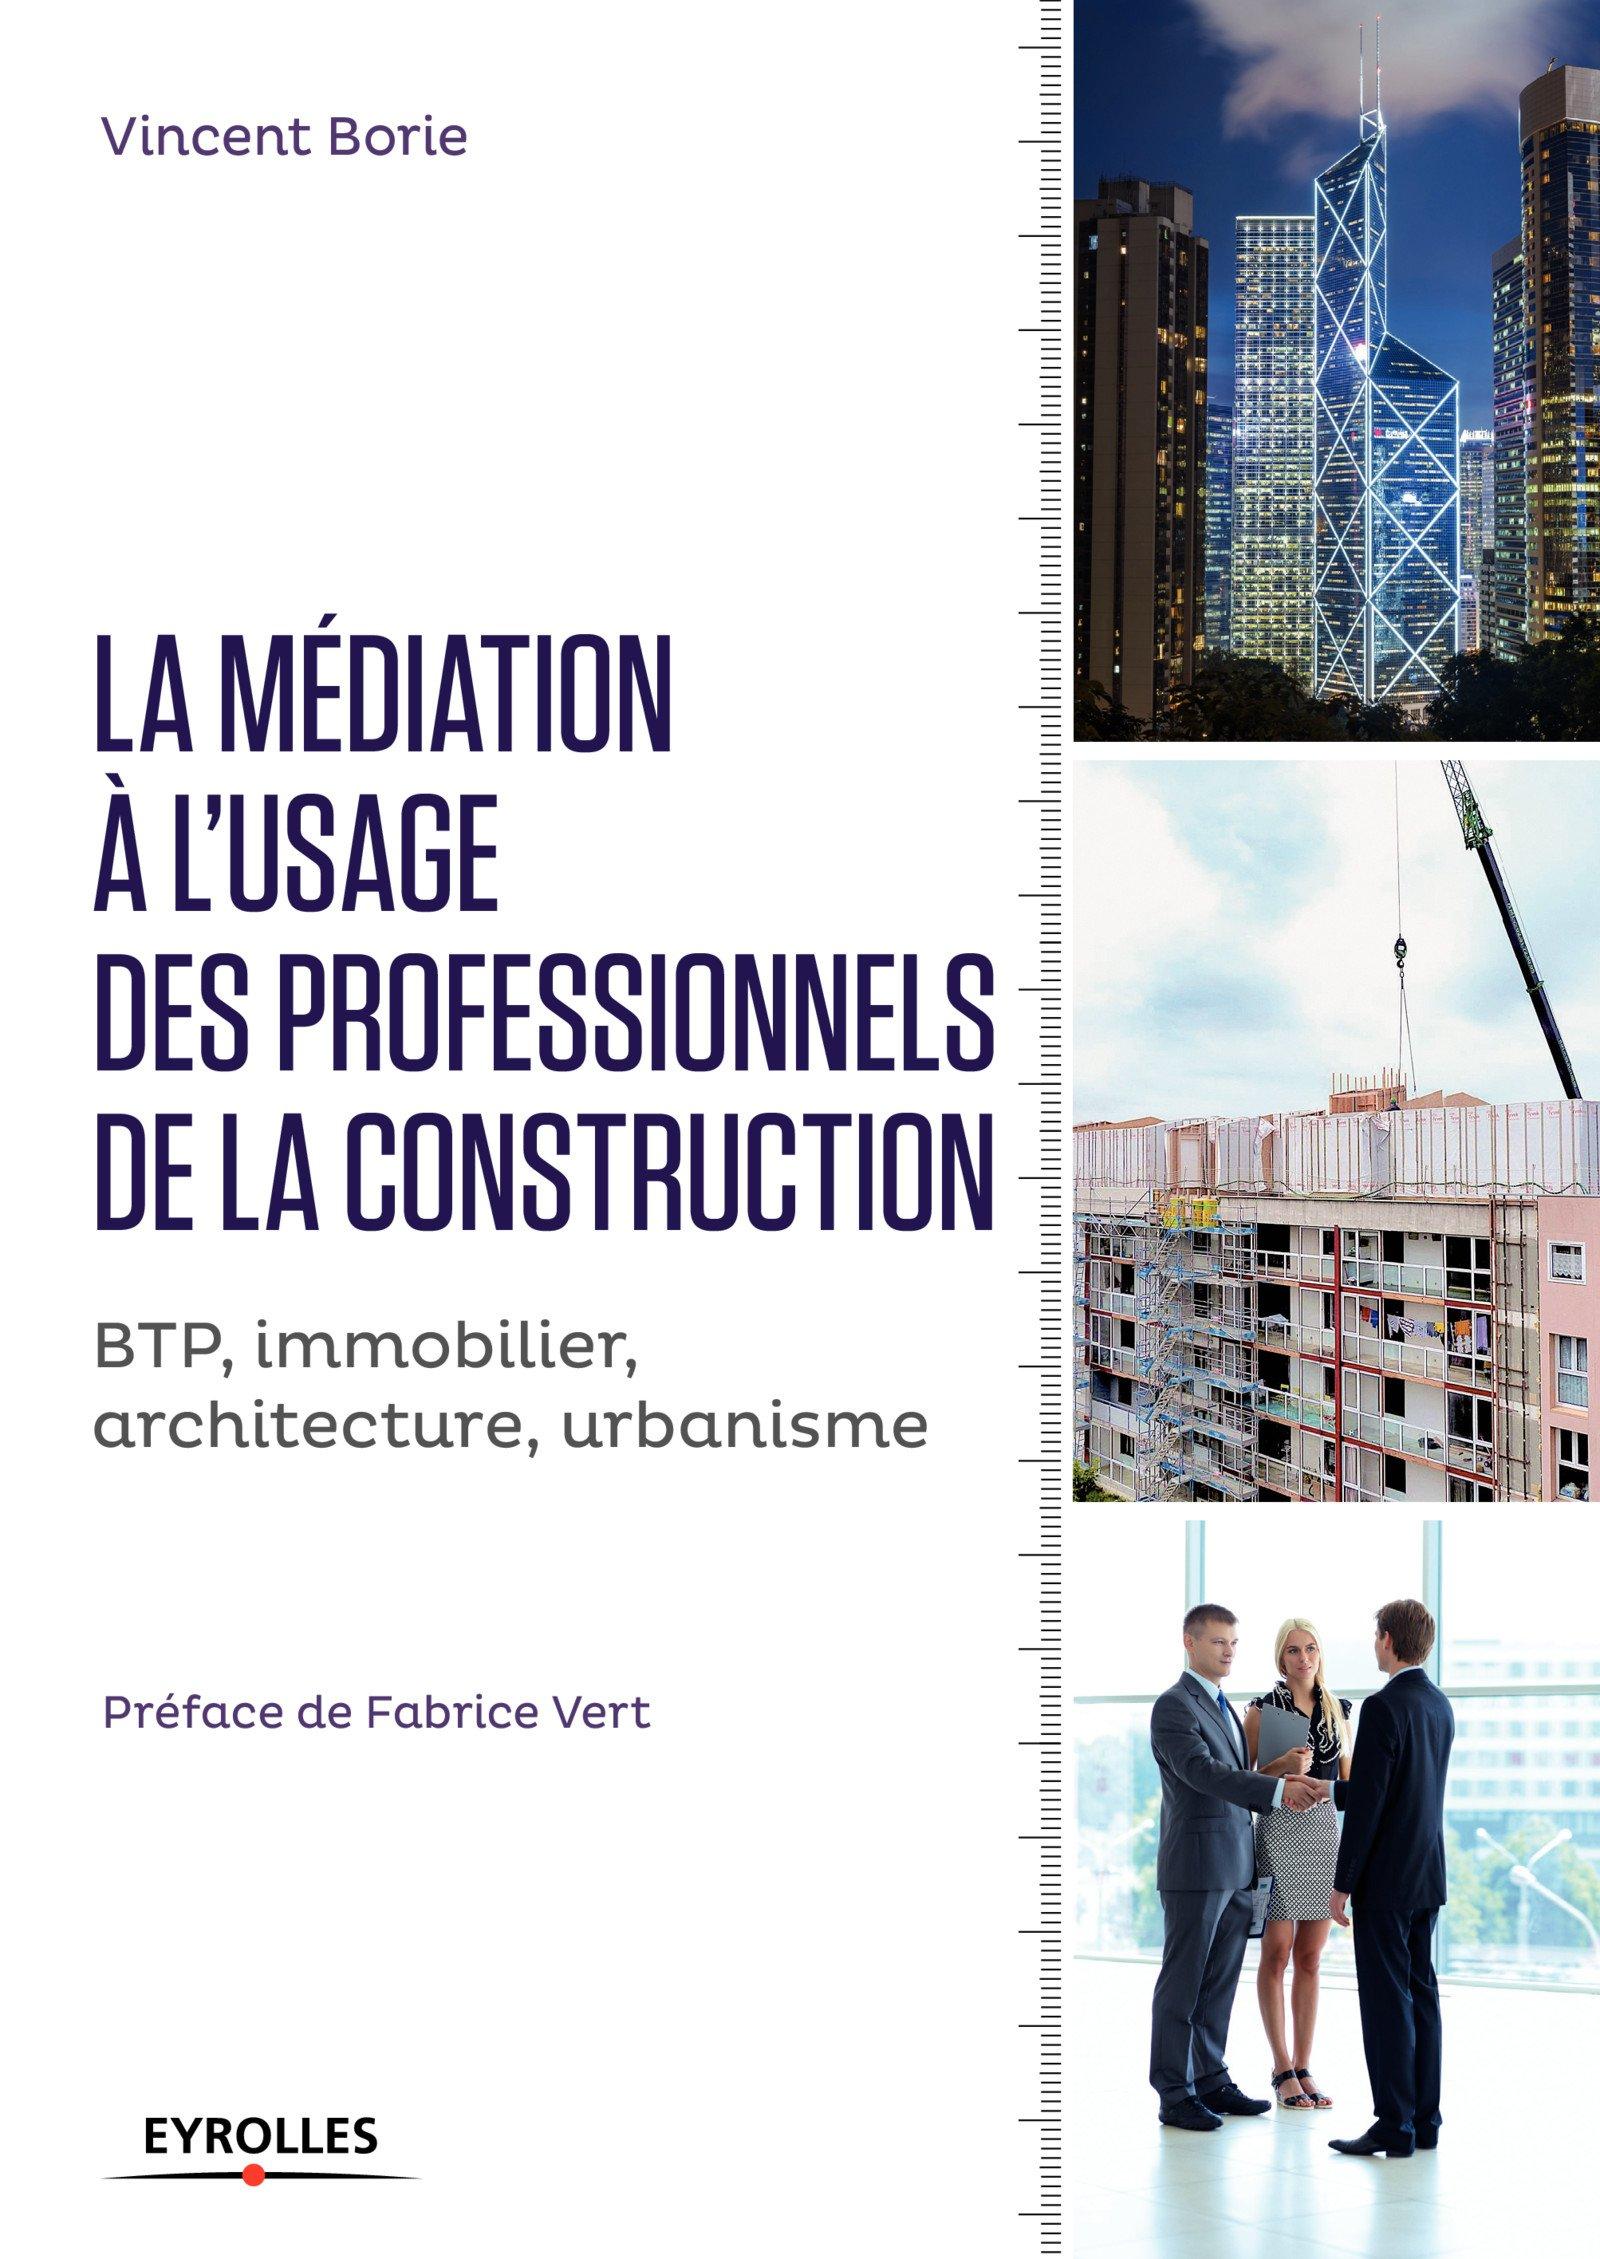 télécharger LA MÉDIATION À L'USAGE DES PROFESSIONNELS DE LA CONSTRUCTION : BTP, IMMOBILIER, ARCHITECTURE, URBANISME